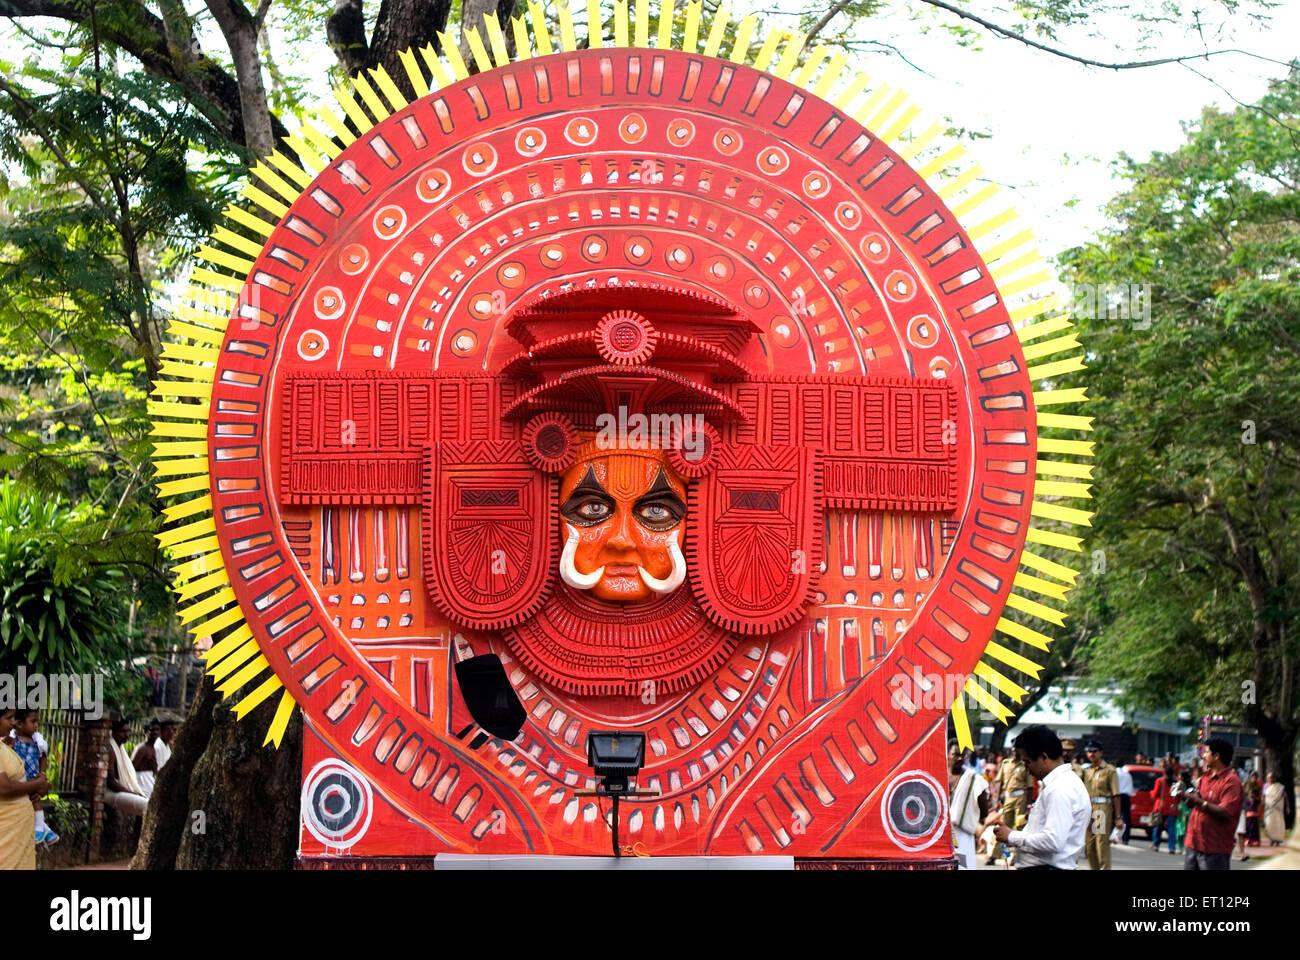 Il galleggiante del theyyam theyam durante la celebrazione onam ; ; Trivandrum Kerala ; India 2008 Immagini Stock